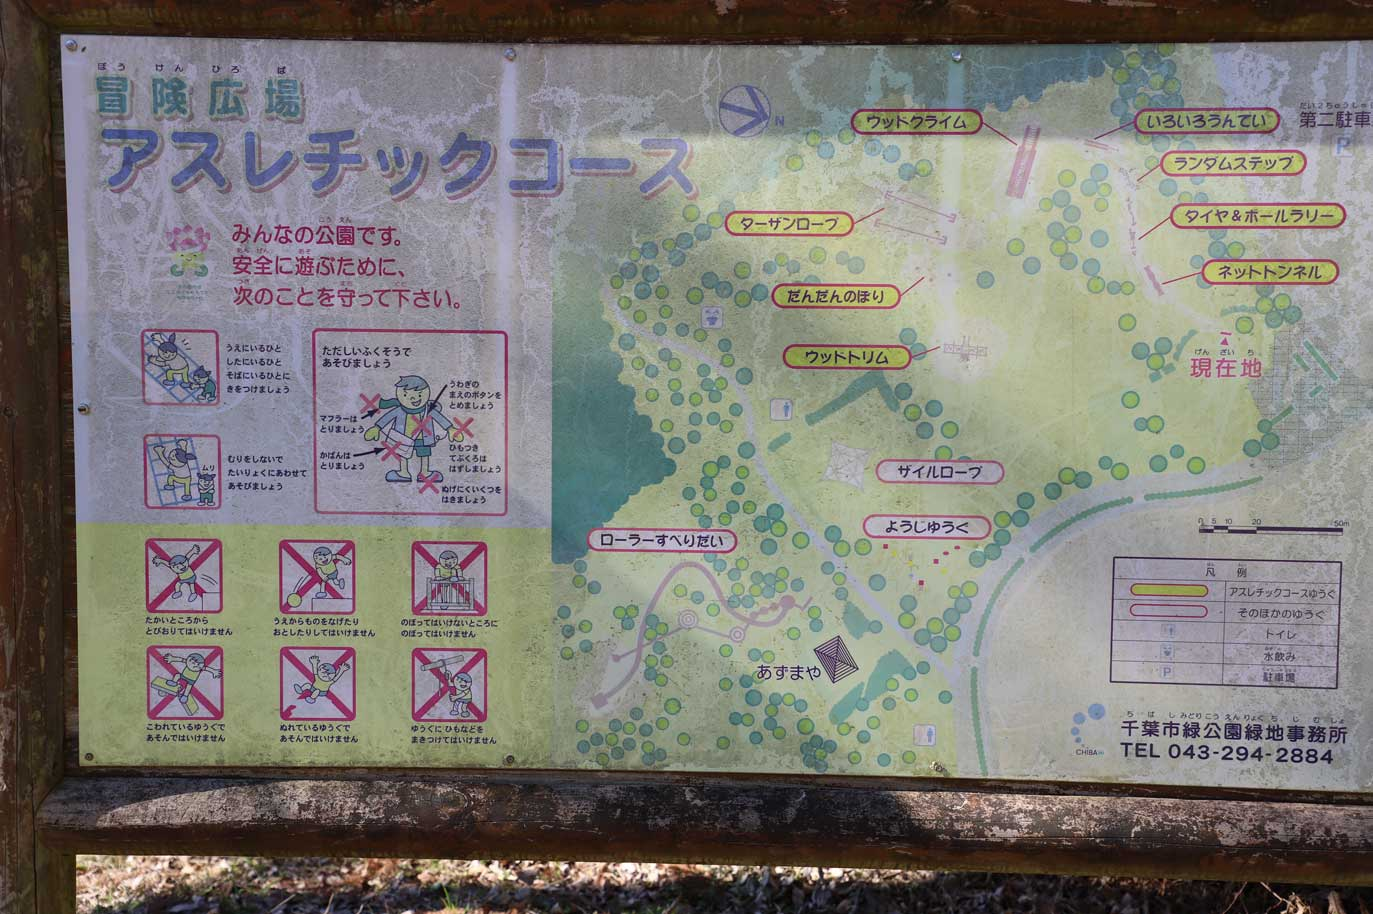 昭和の森のアスレチックコース